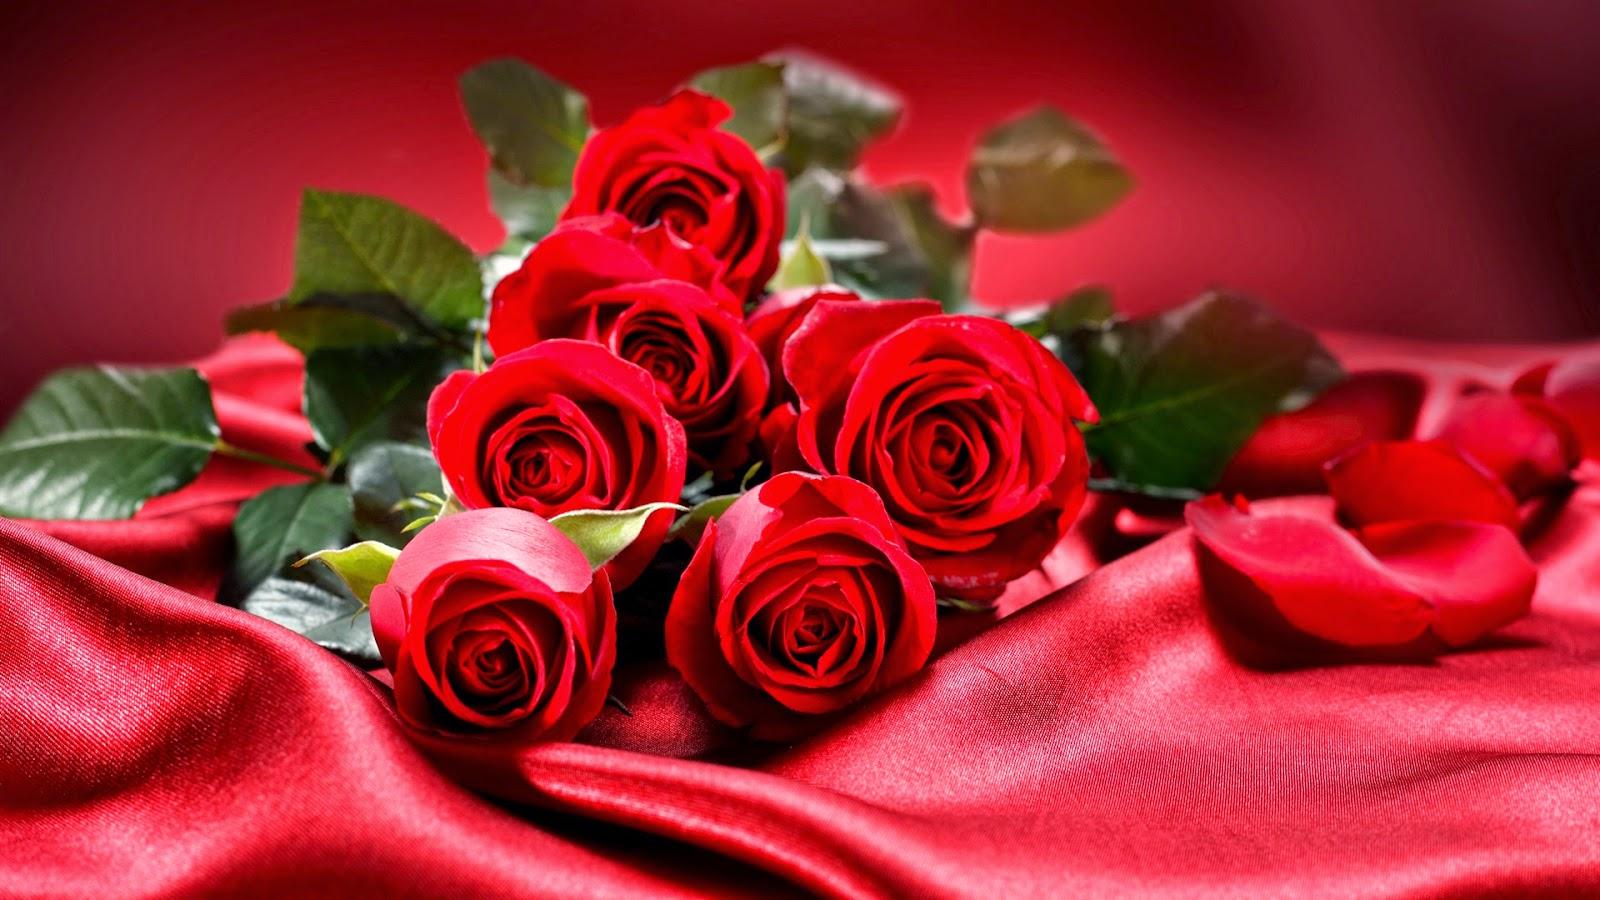 Цветок роза для аву